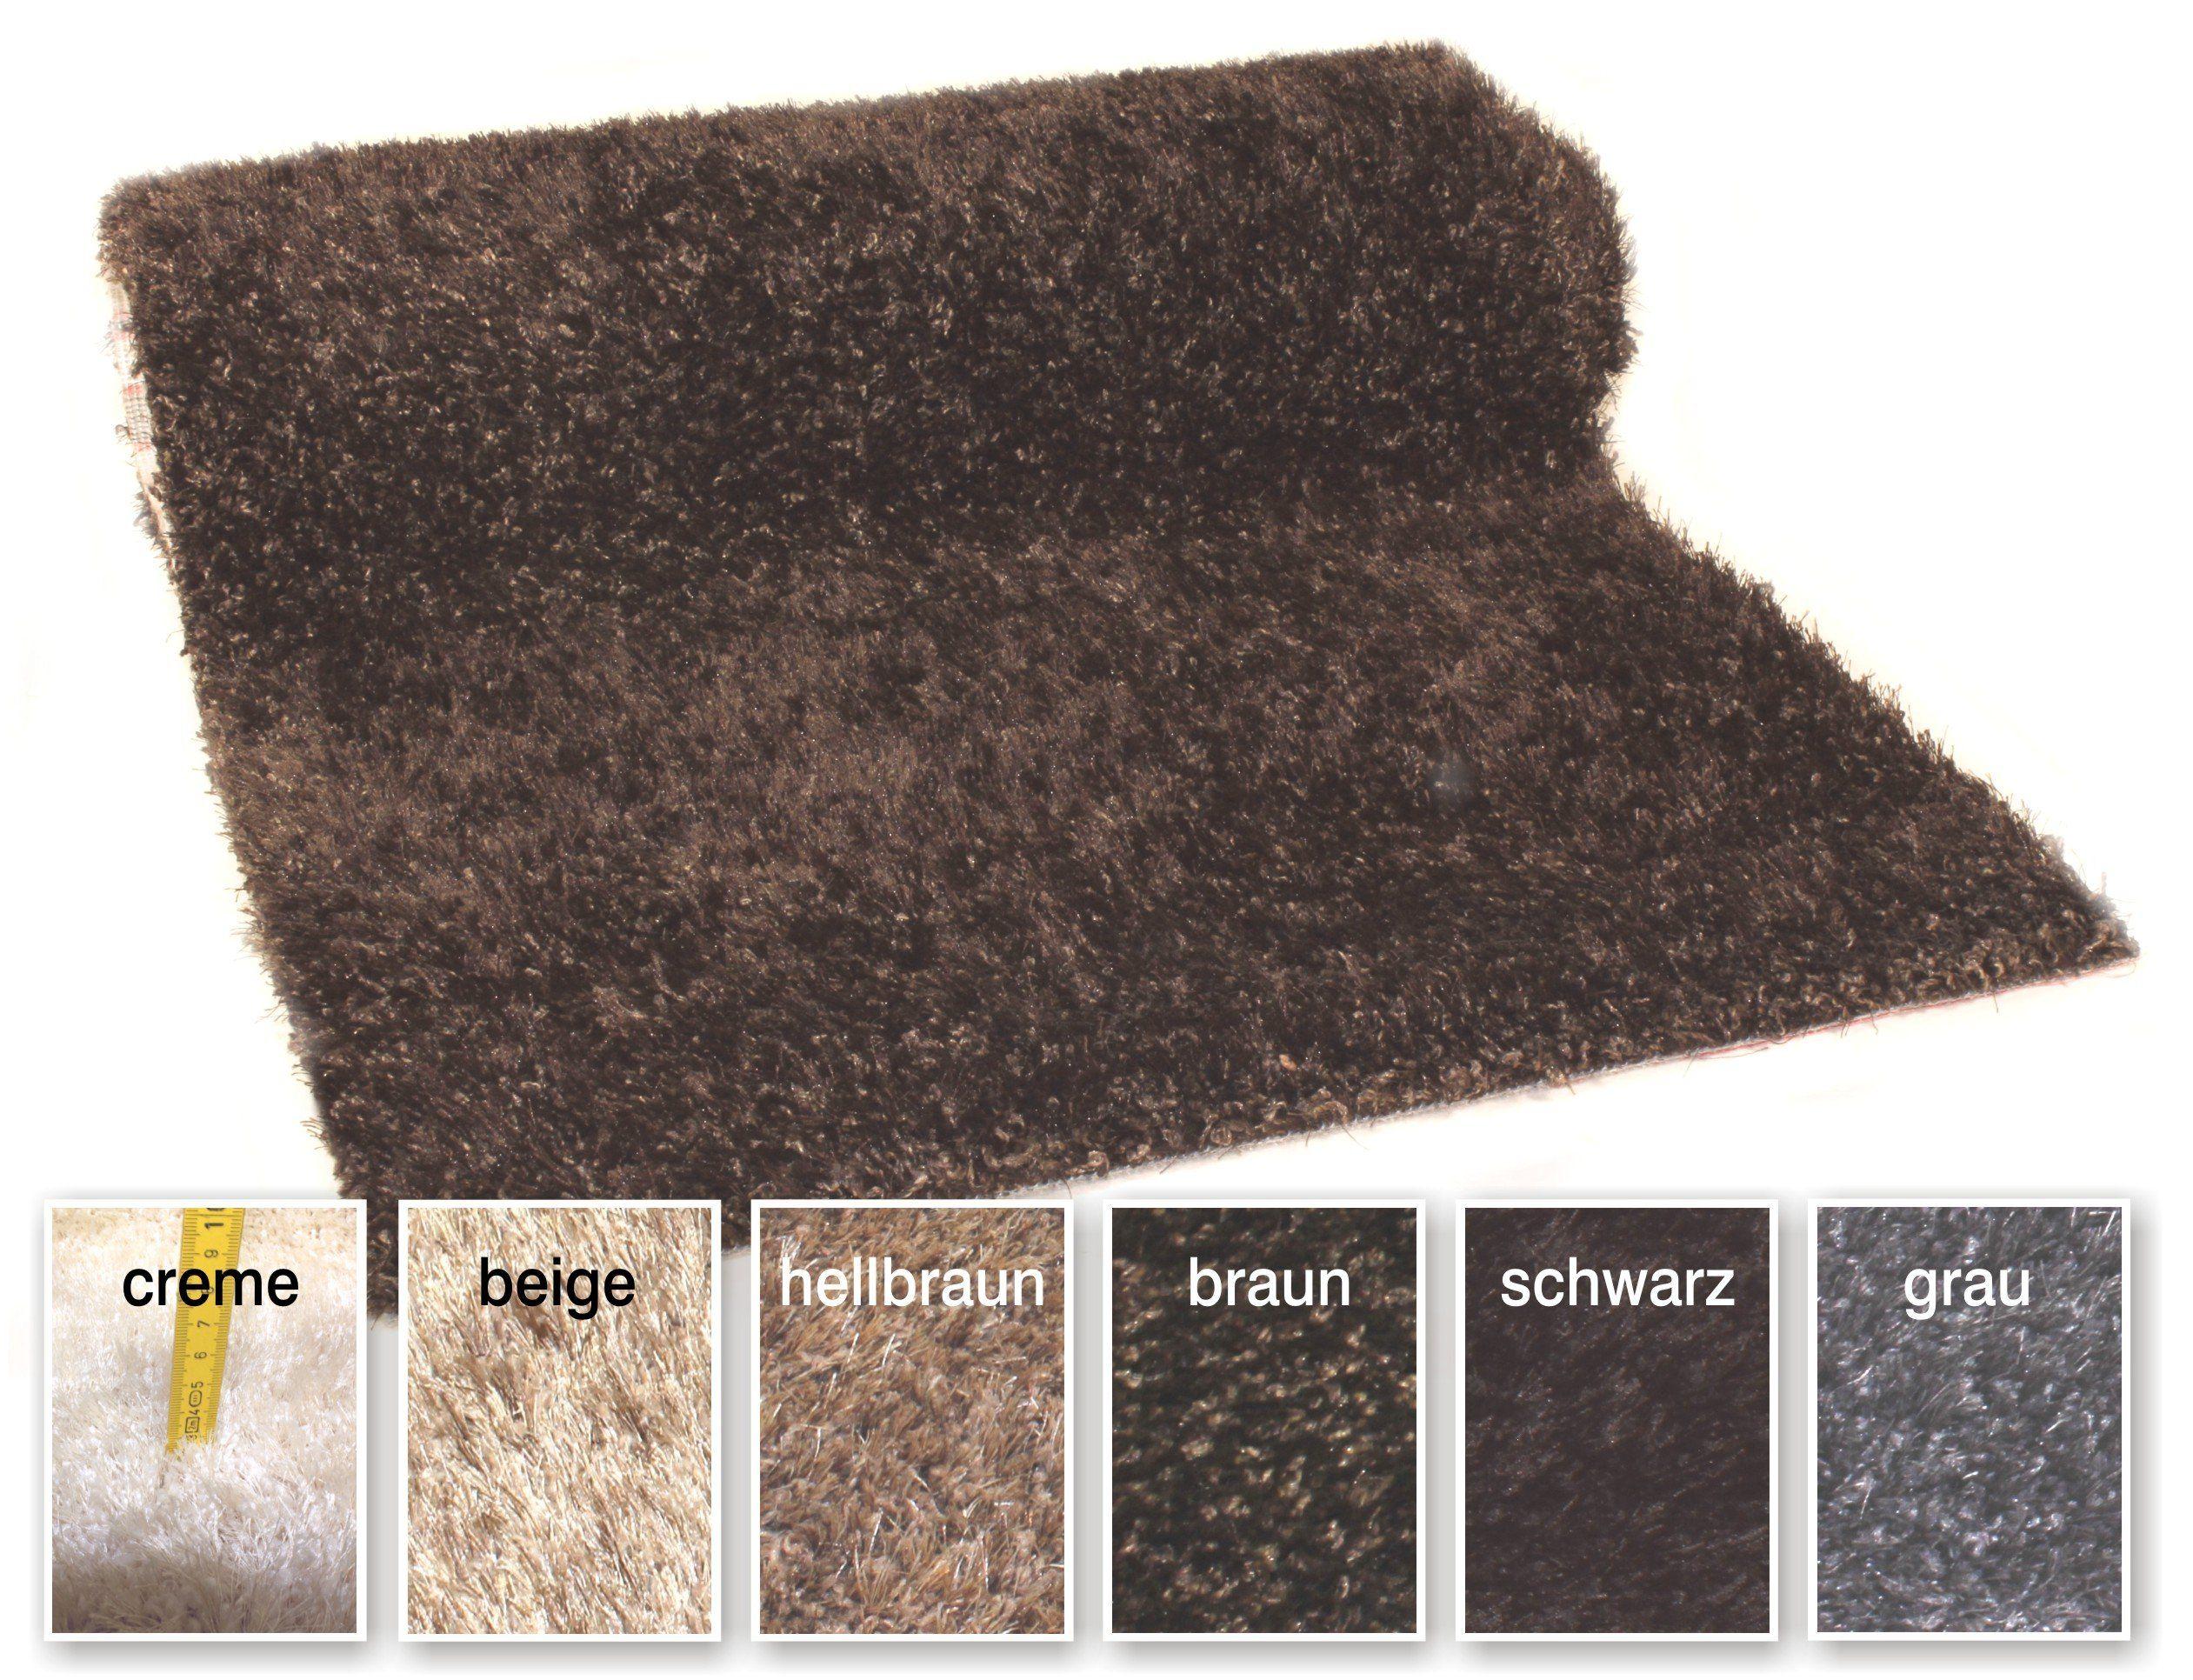 Amazon De Teppich Shaggy Teppichlaufer Denver Braun Brucke Laufer Flur Meterware 70 Cm Breit Teppich Teppichlaufer Teppich Braun